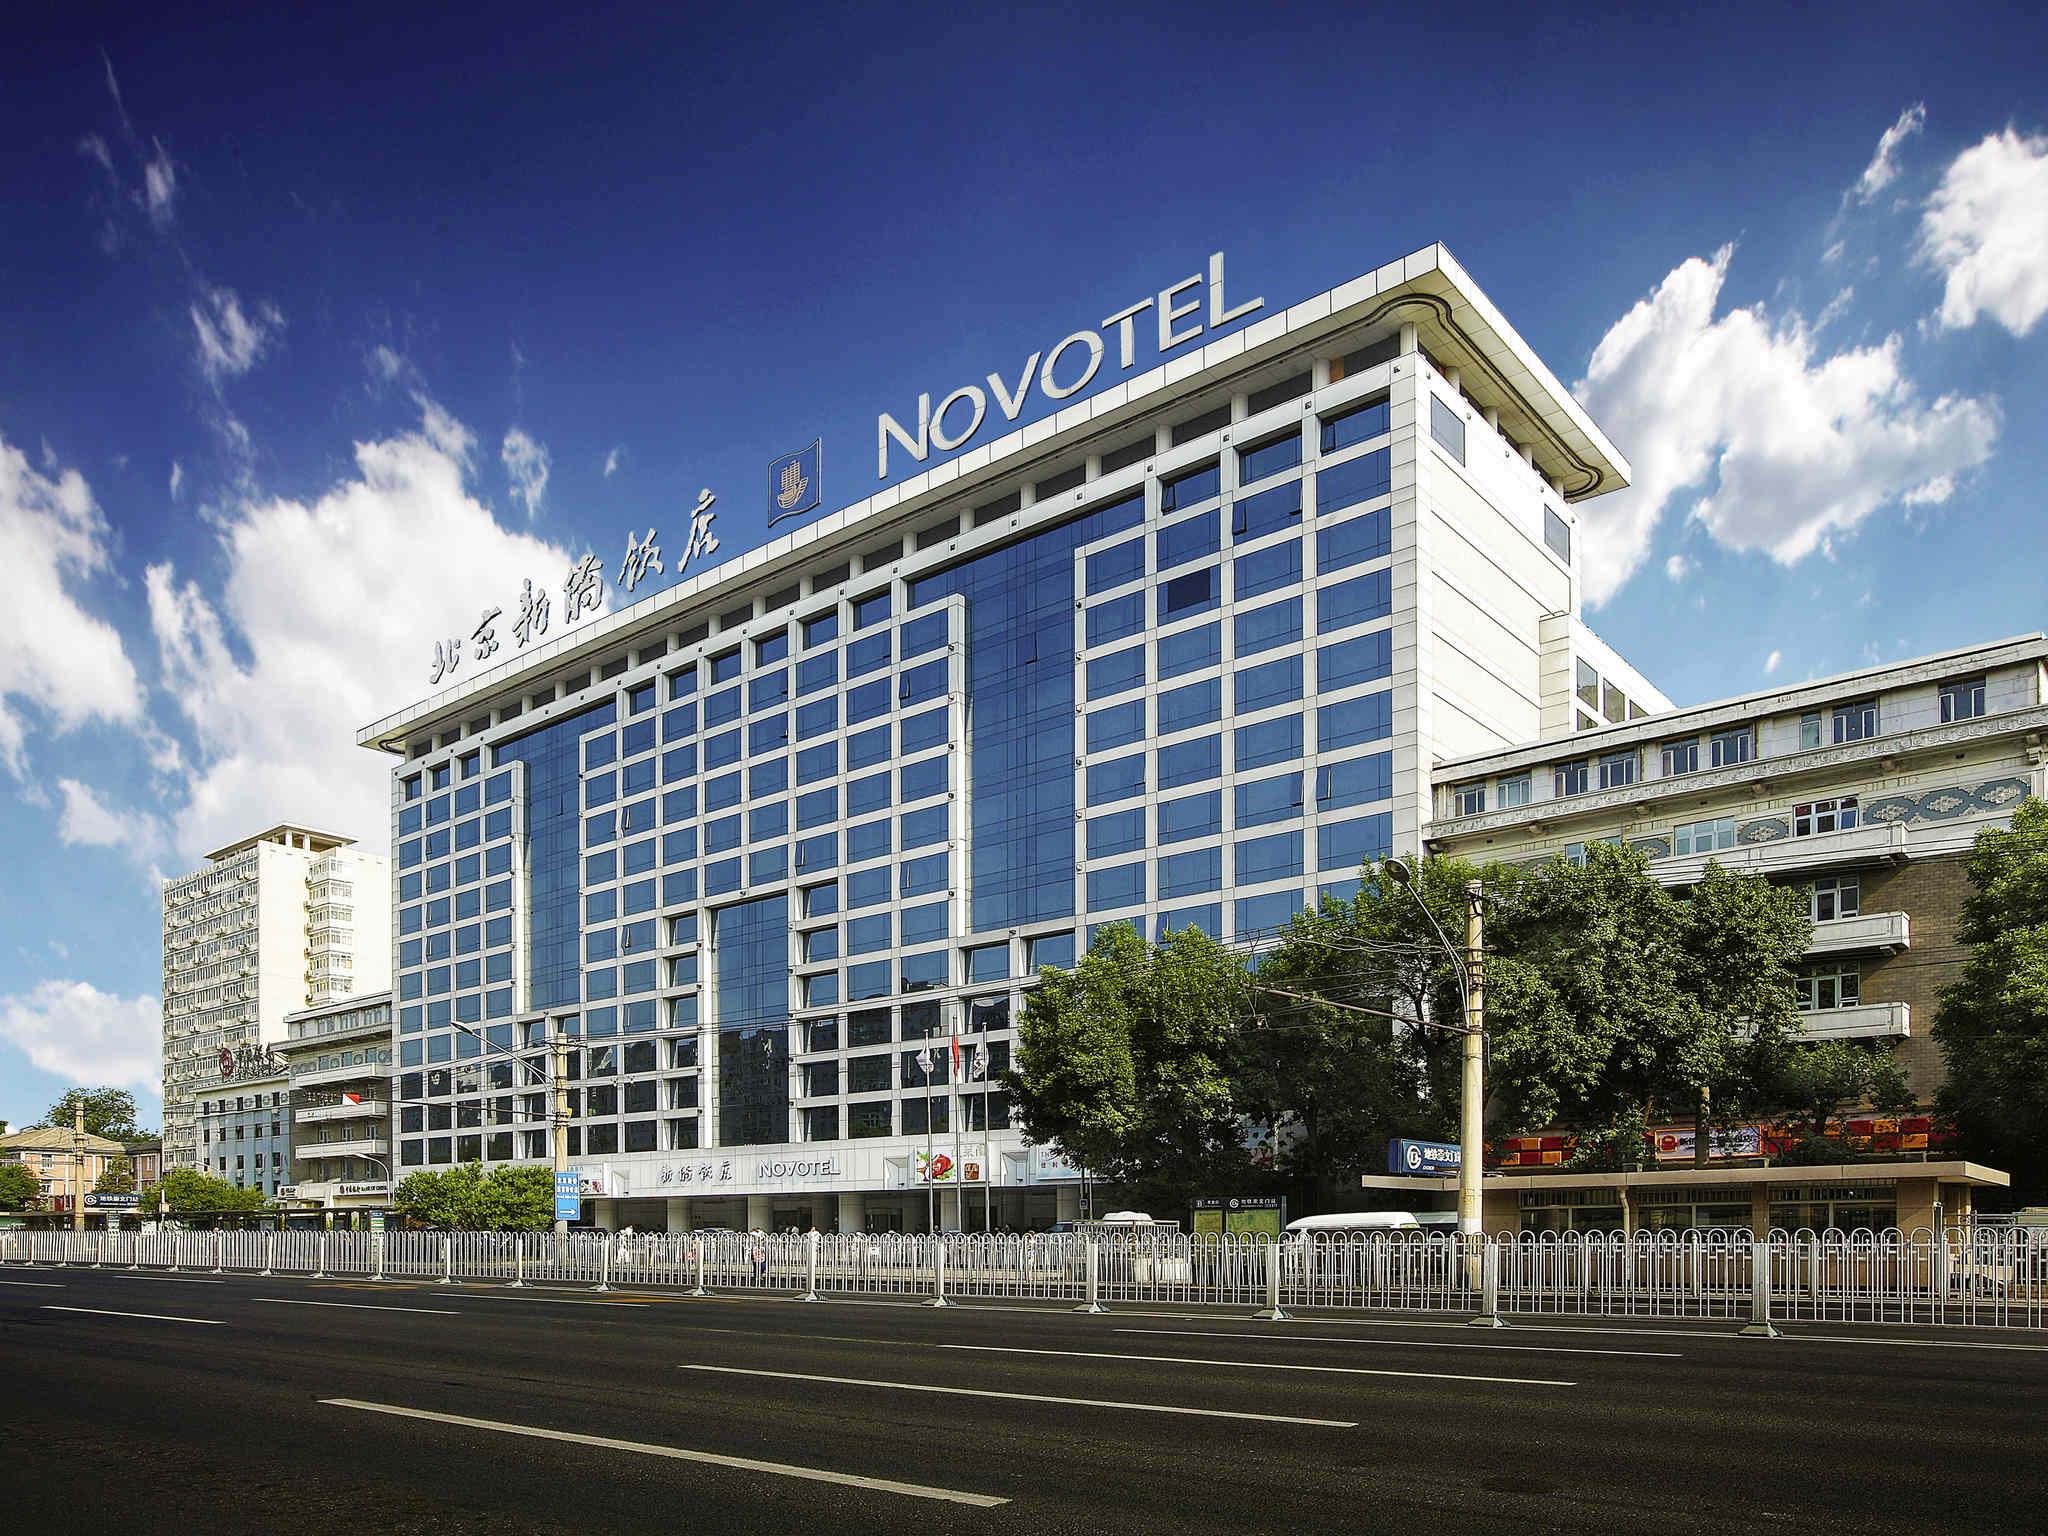 Hotel Di Novotel Beijing Xin Qiao Novotel Beijing Xin Qiao